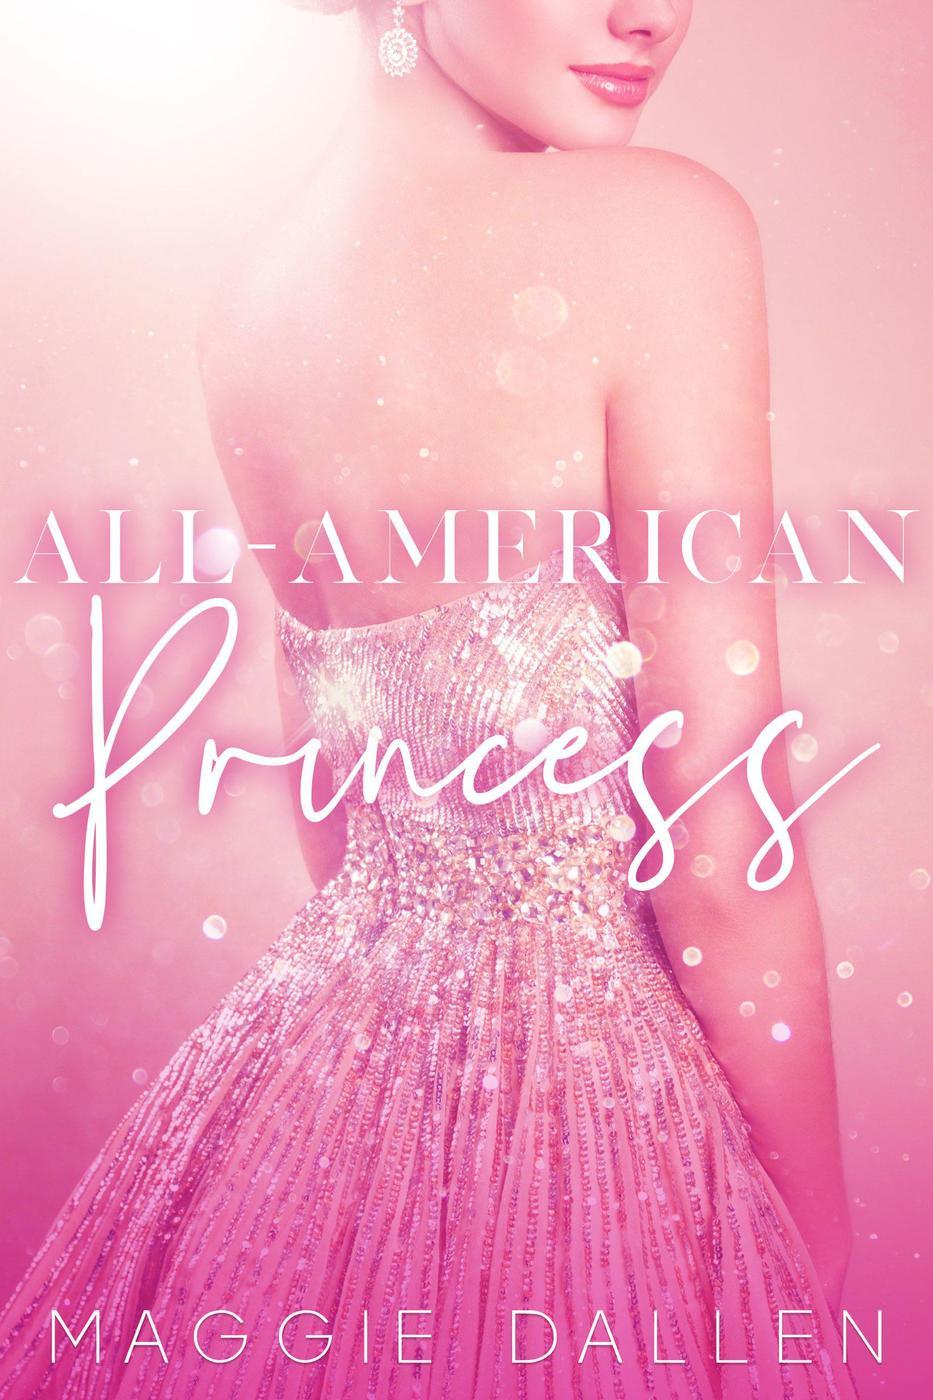 All-American Princess (The Glitterati Files, #1)